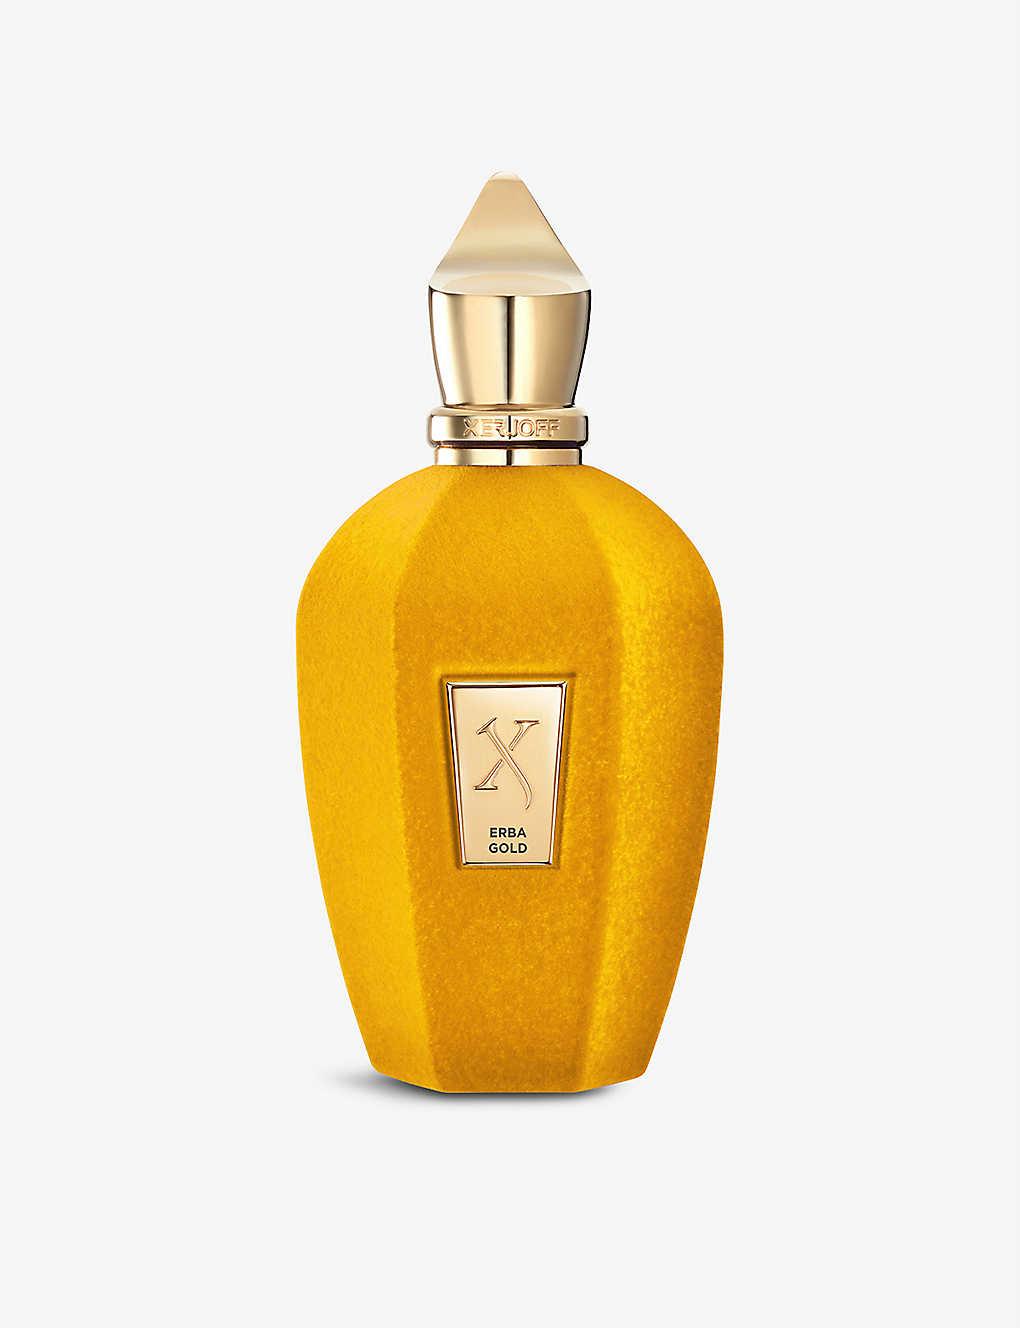 Xerjoff Erba Gold Eau De Parfum 100ml Selfridgescom